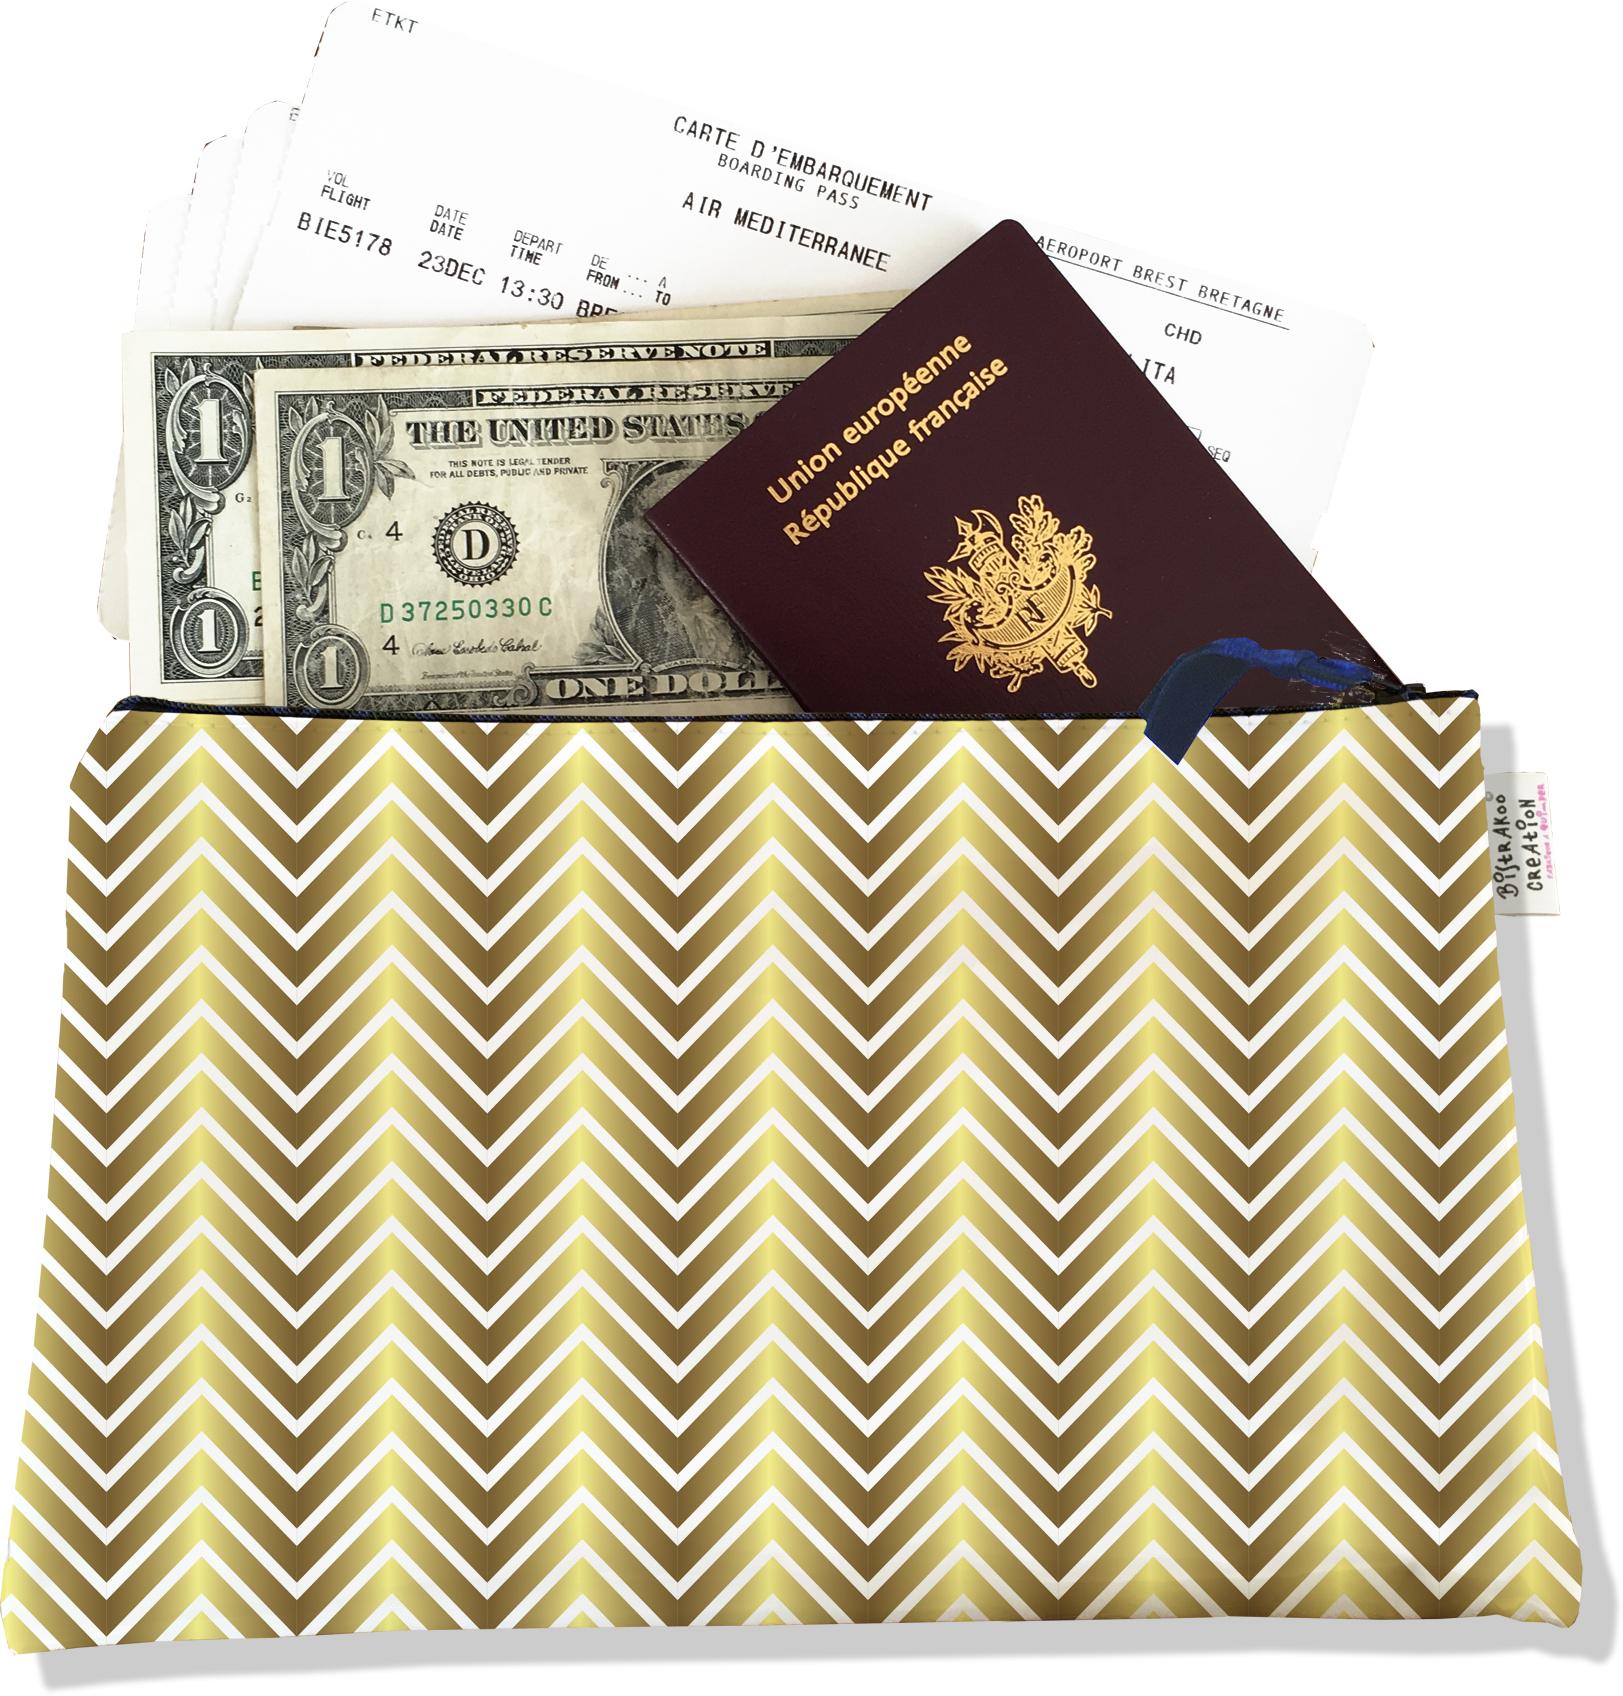 Pochette voyage , porte documents PV2095